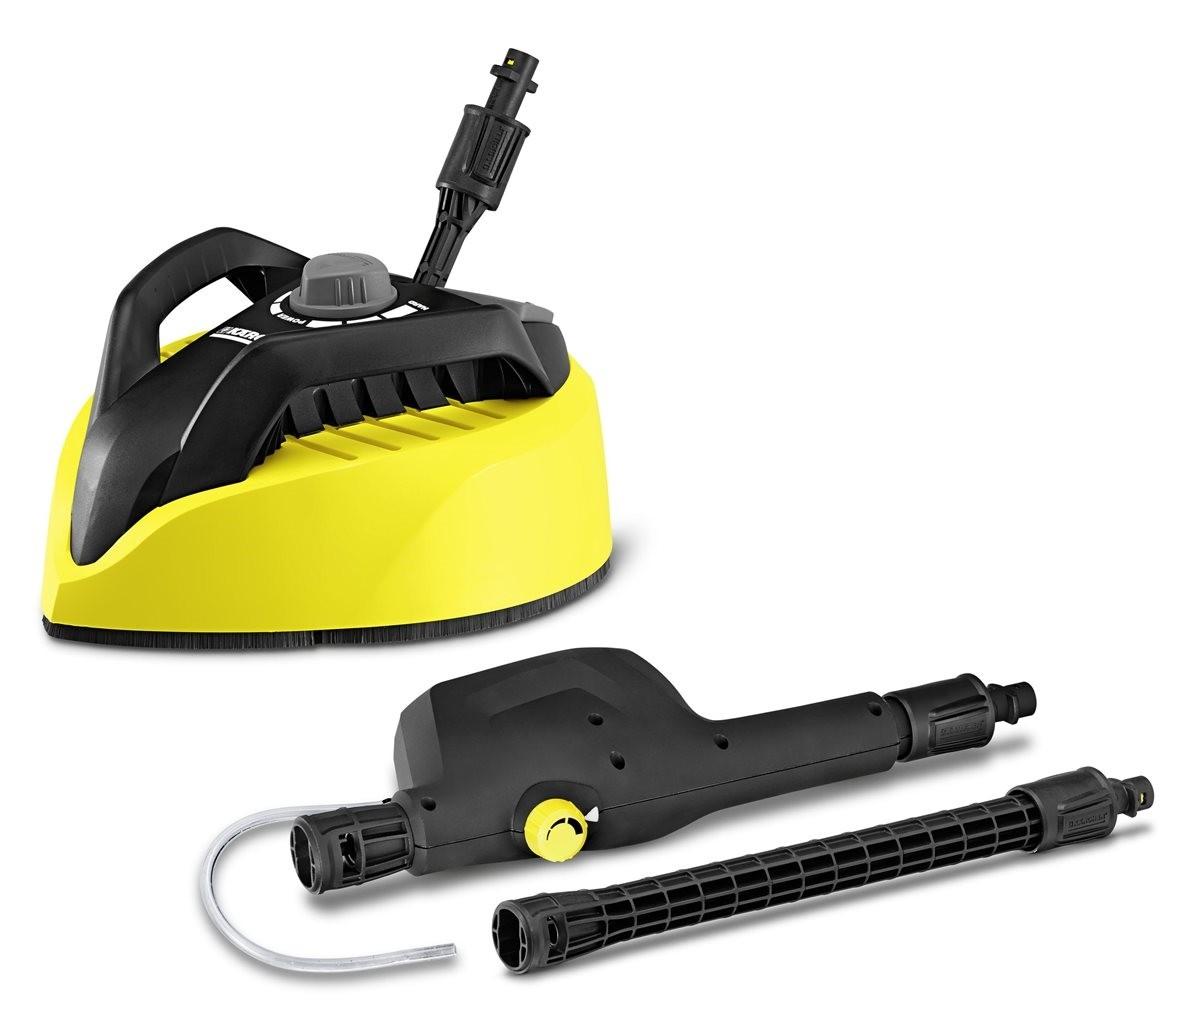 karcher szczotka przystawka t 550 t racer surface cleaner. Black Bedroom Furniture Sets. Home Design Ideas